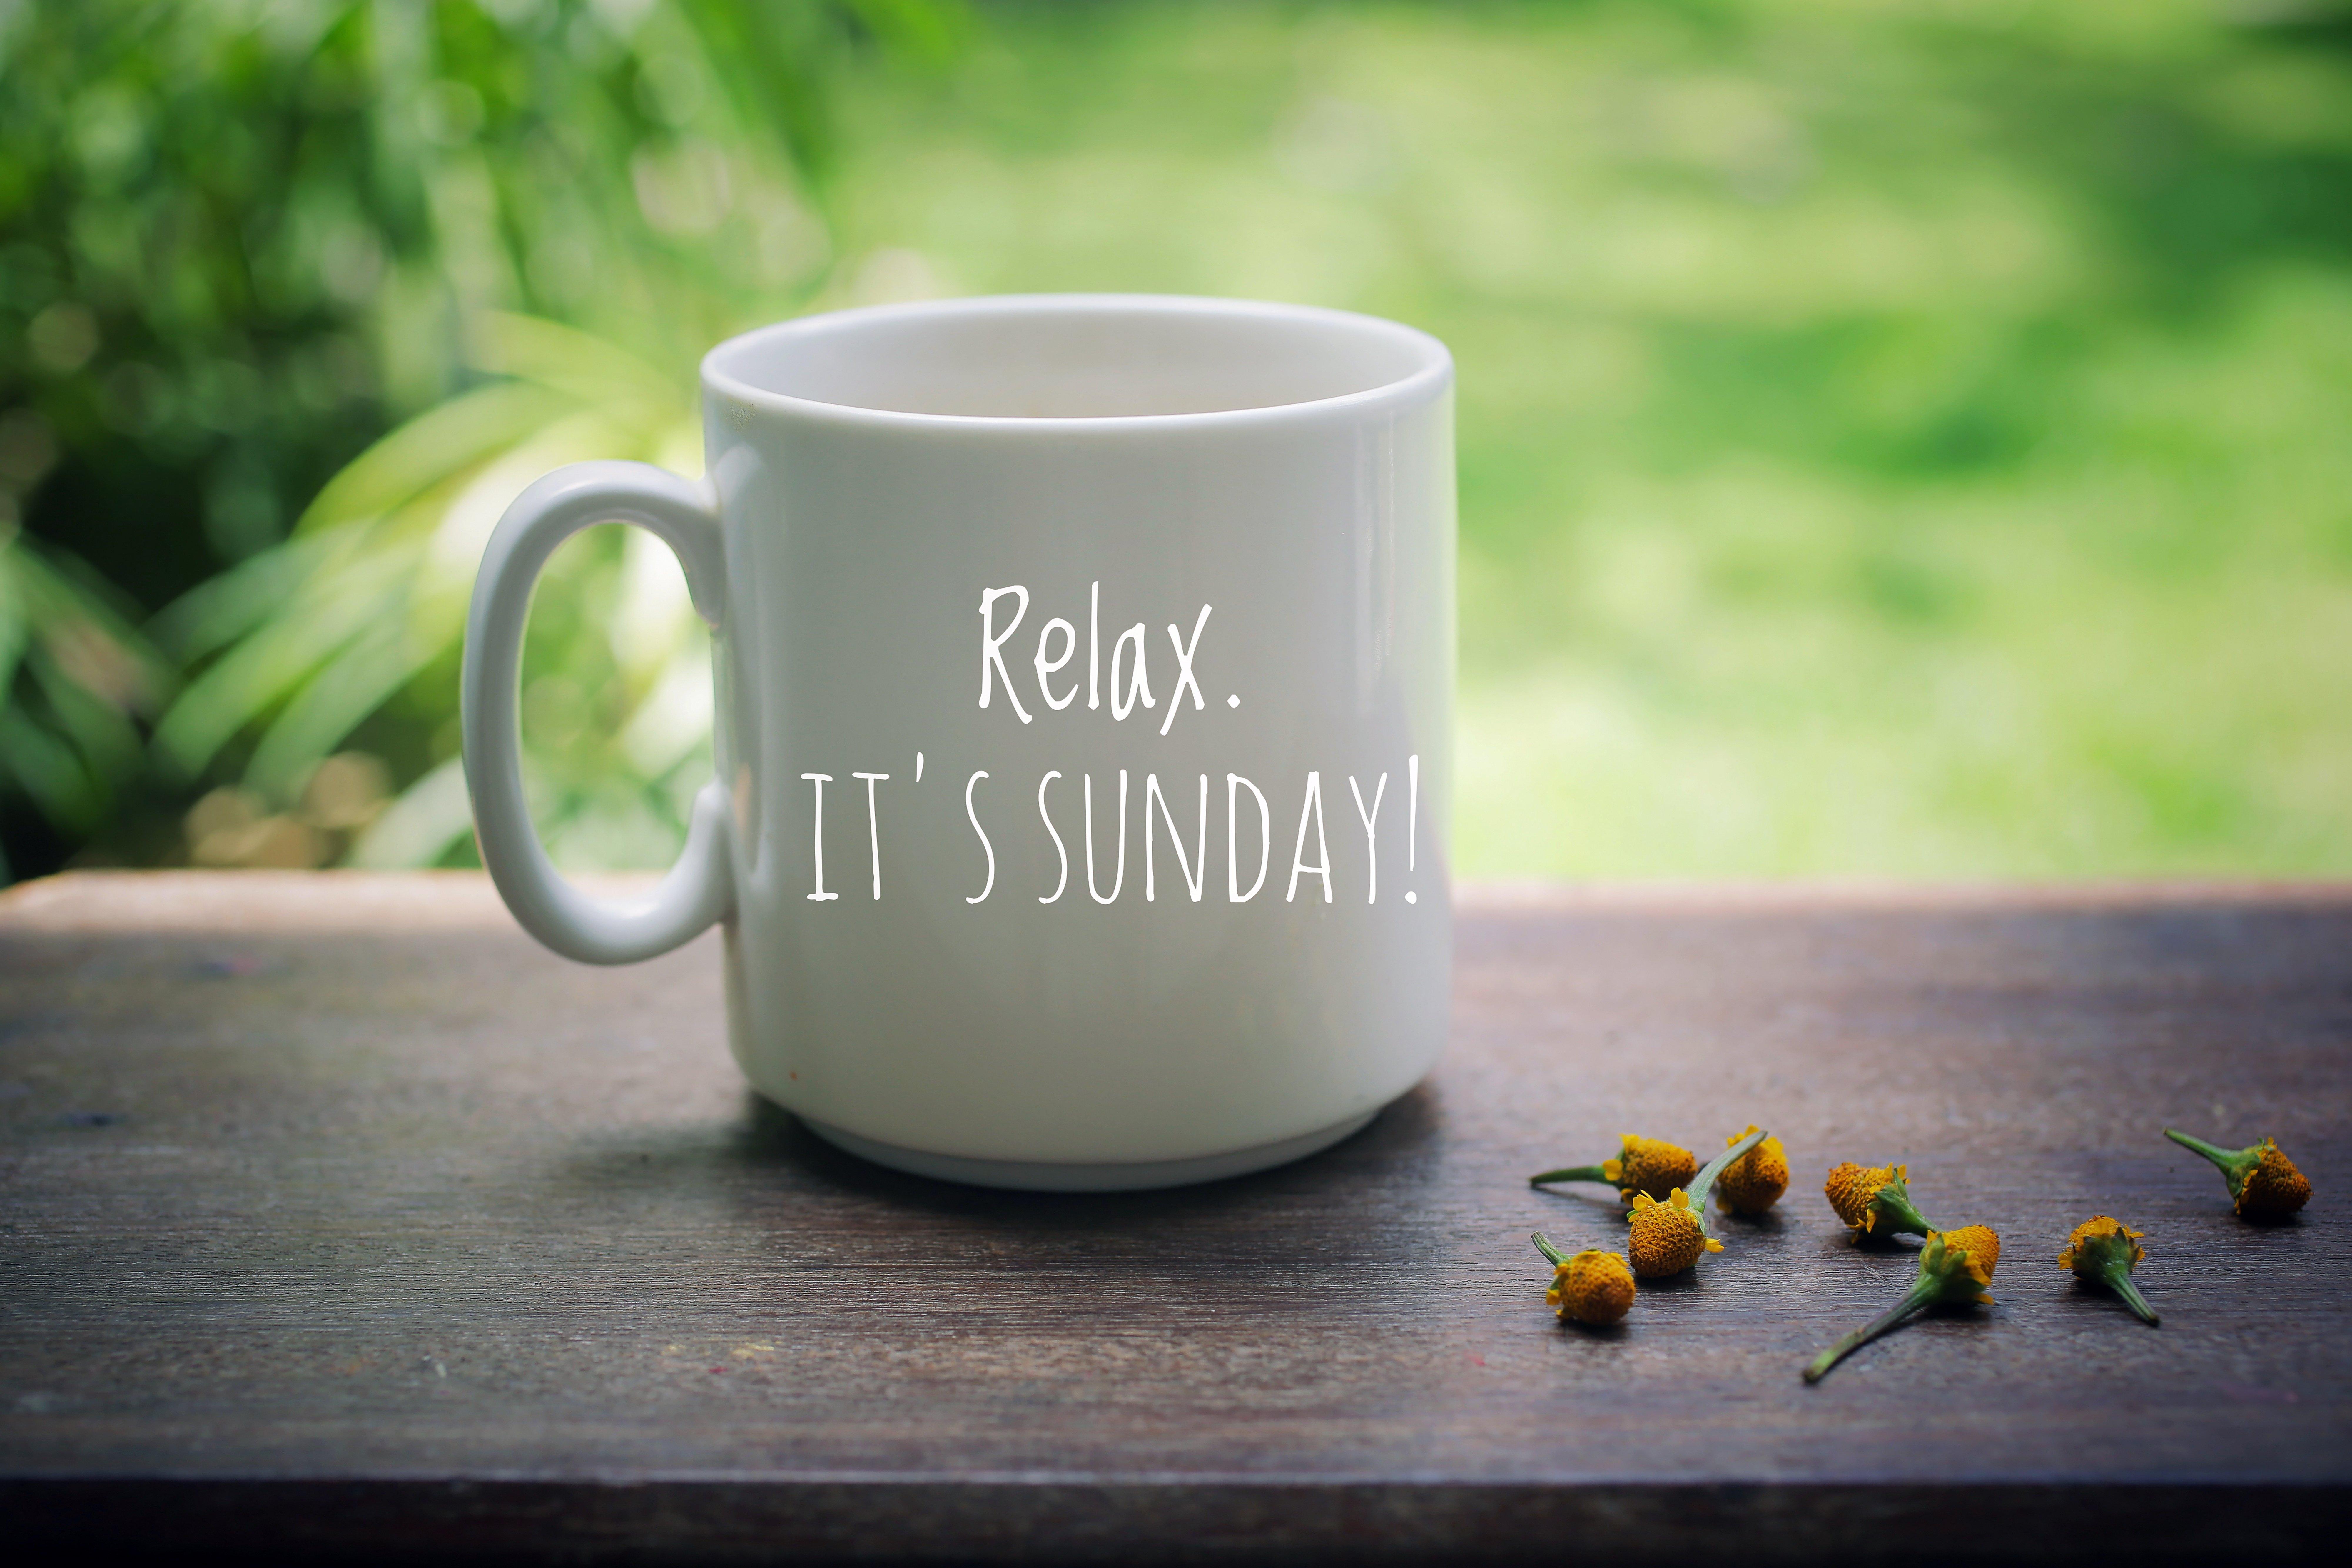 Kaffeetasse mit Relaxspruch